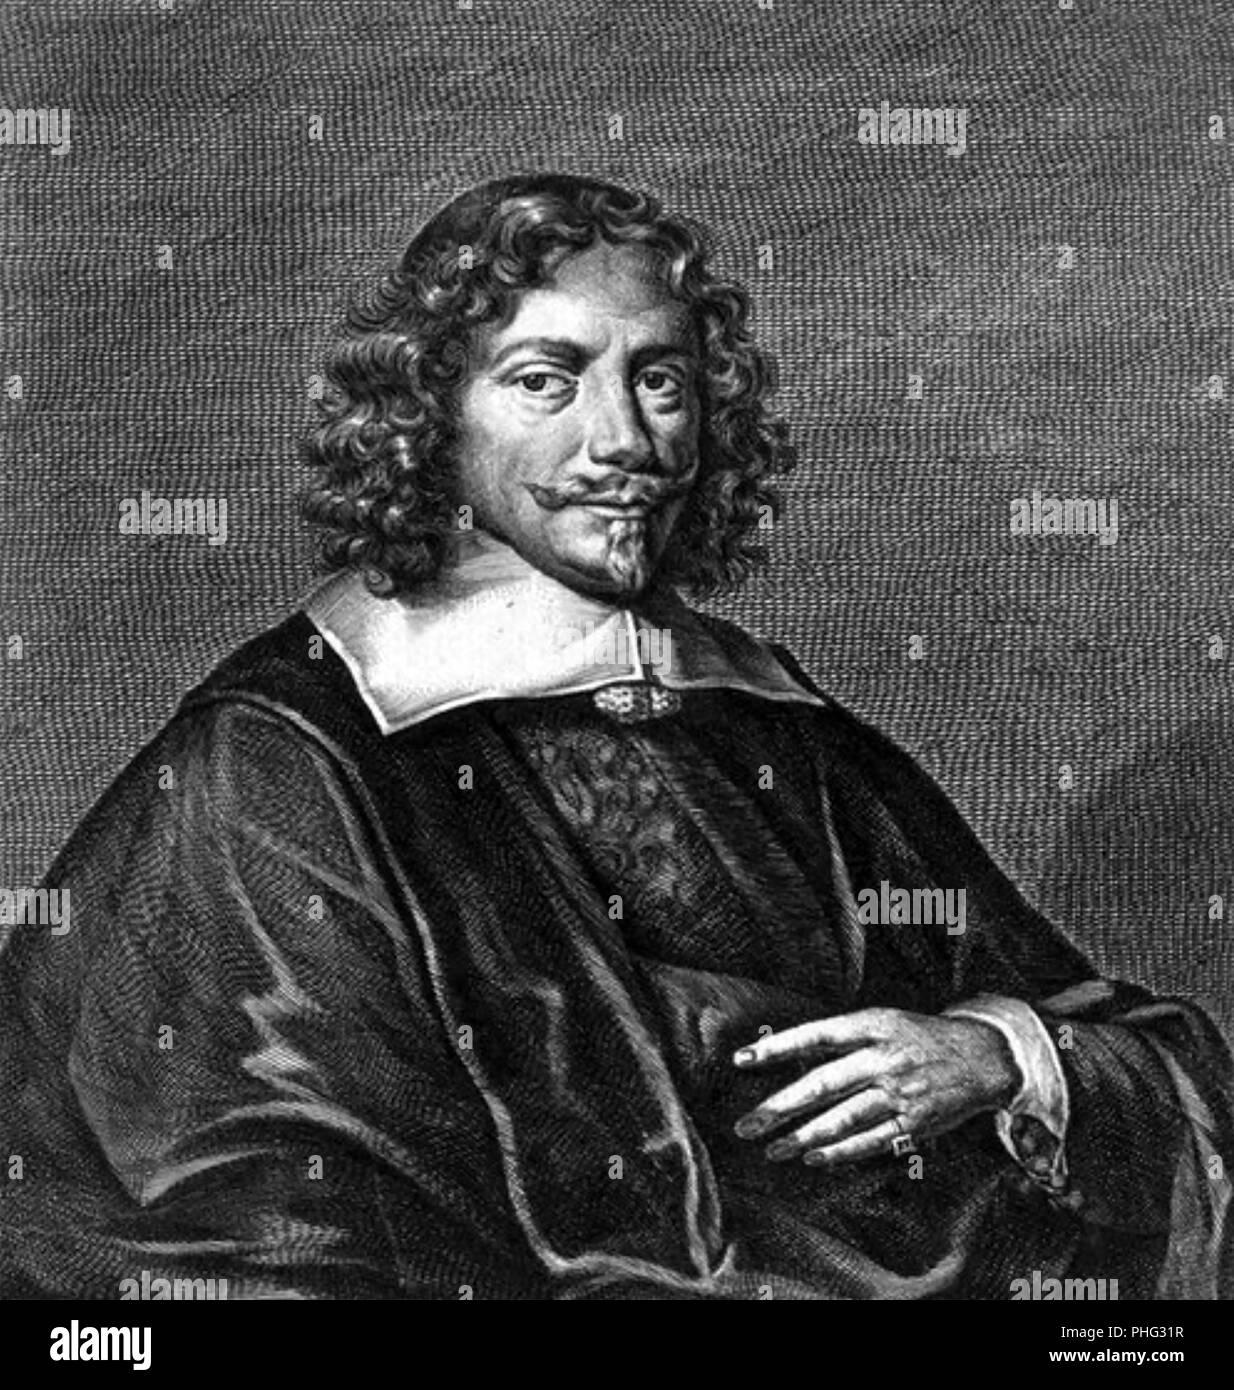 """VINCENT FABRICIUS (1642-1699) Tedesco giurista e """"professore di Morale e di eloquenza' in Amburgo Immagini Stock"""